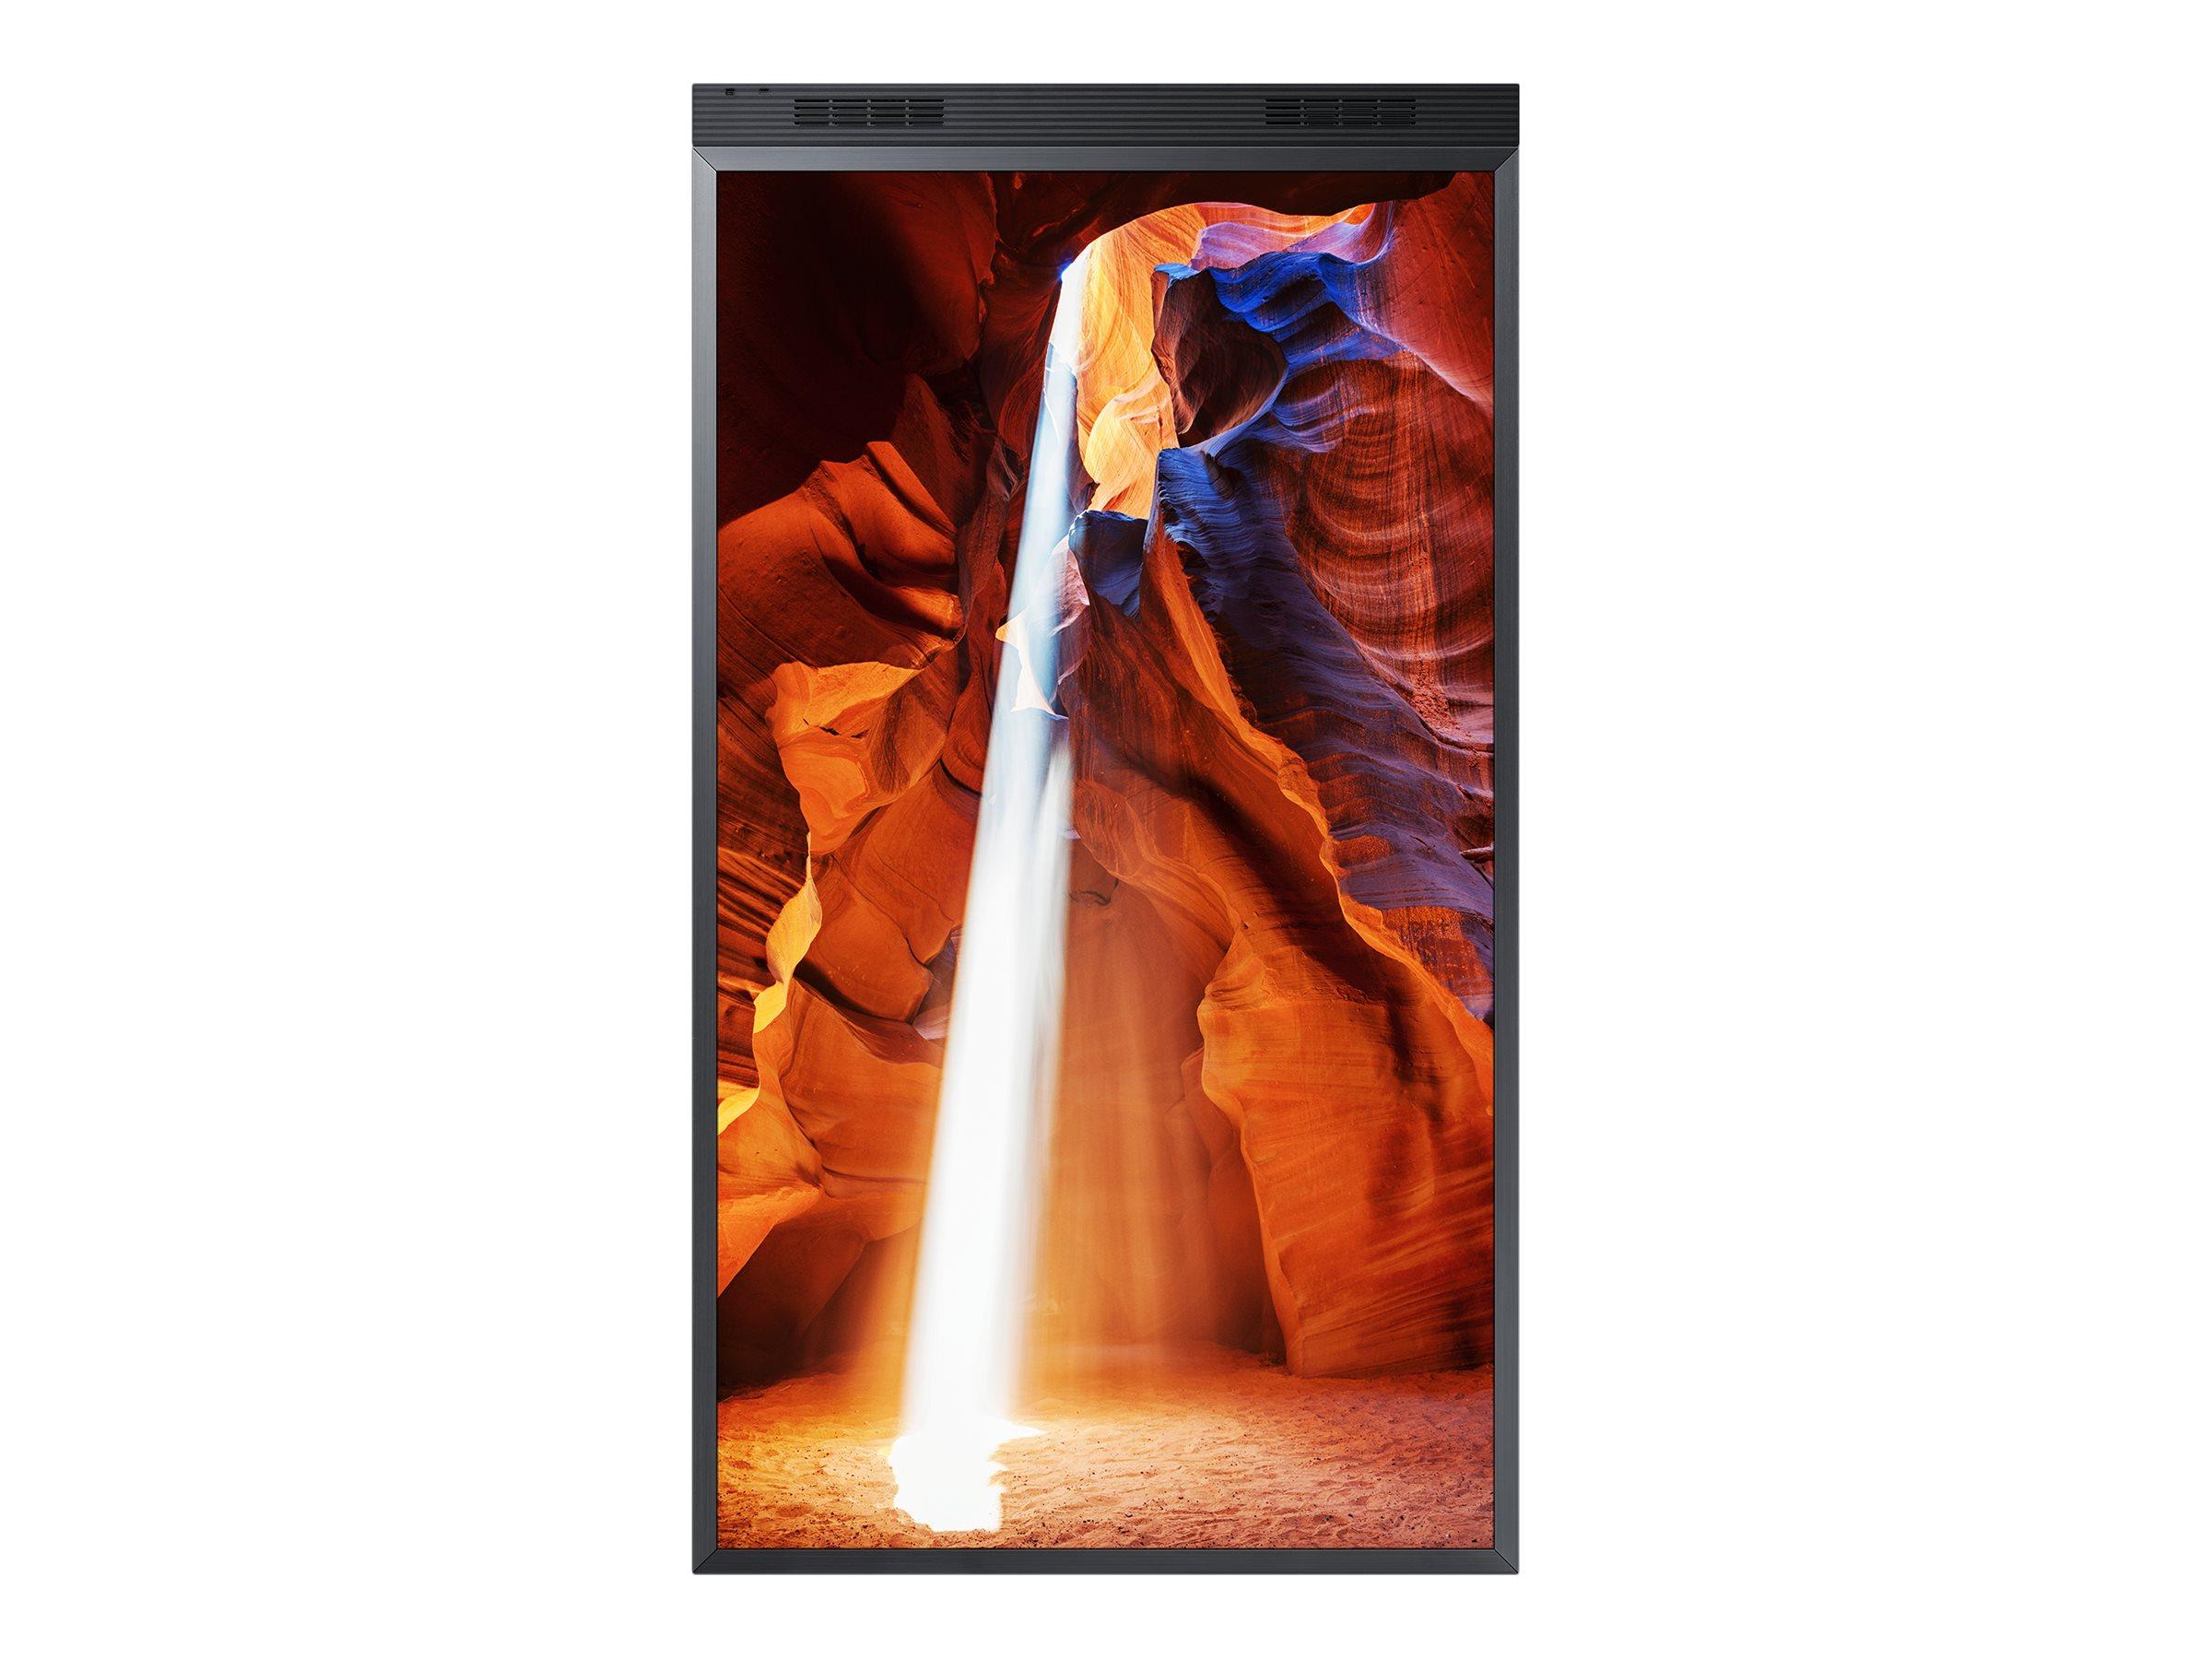 """Samsung OM55N-D - 140 cm (55"""") Klasse OMN-D Series LED-Display - Digital Signage - Tizen OS - 1080p (Full HD)"""